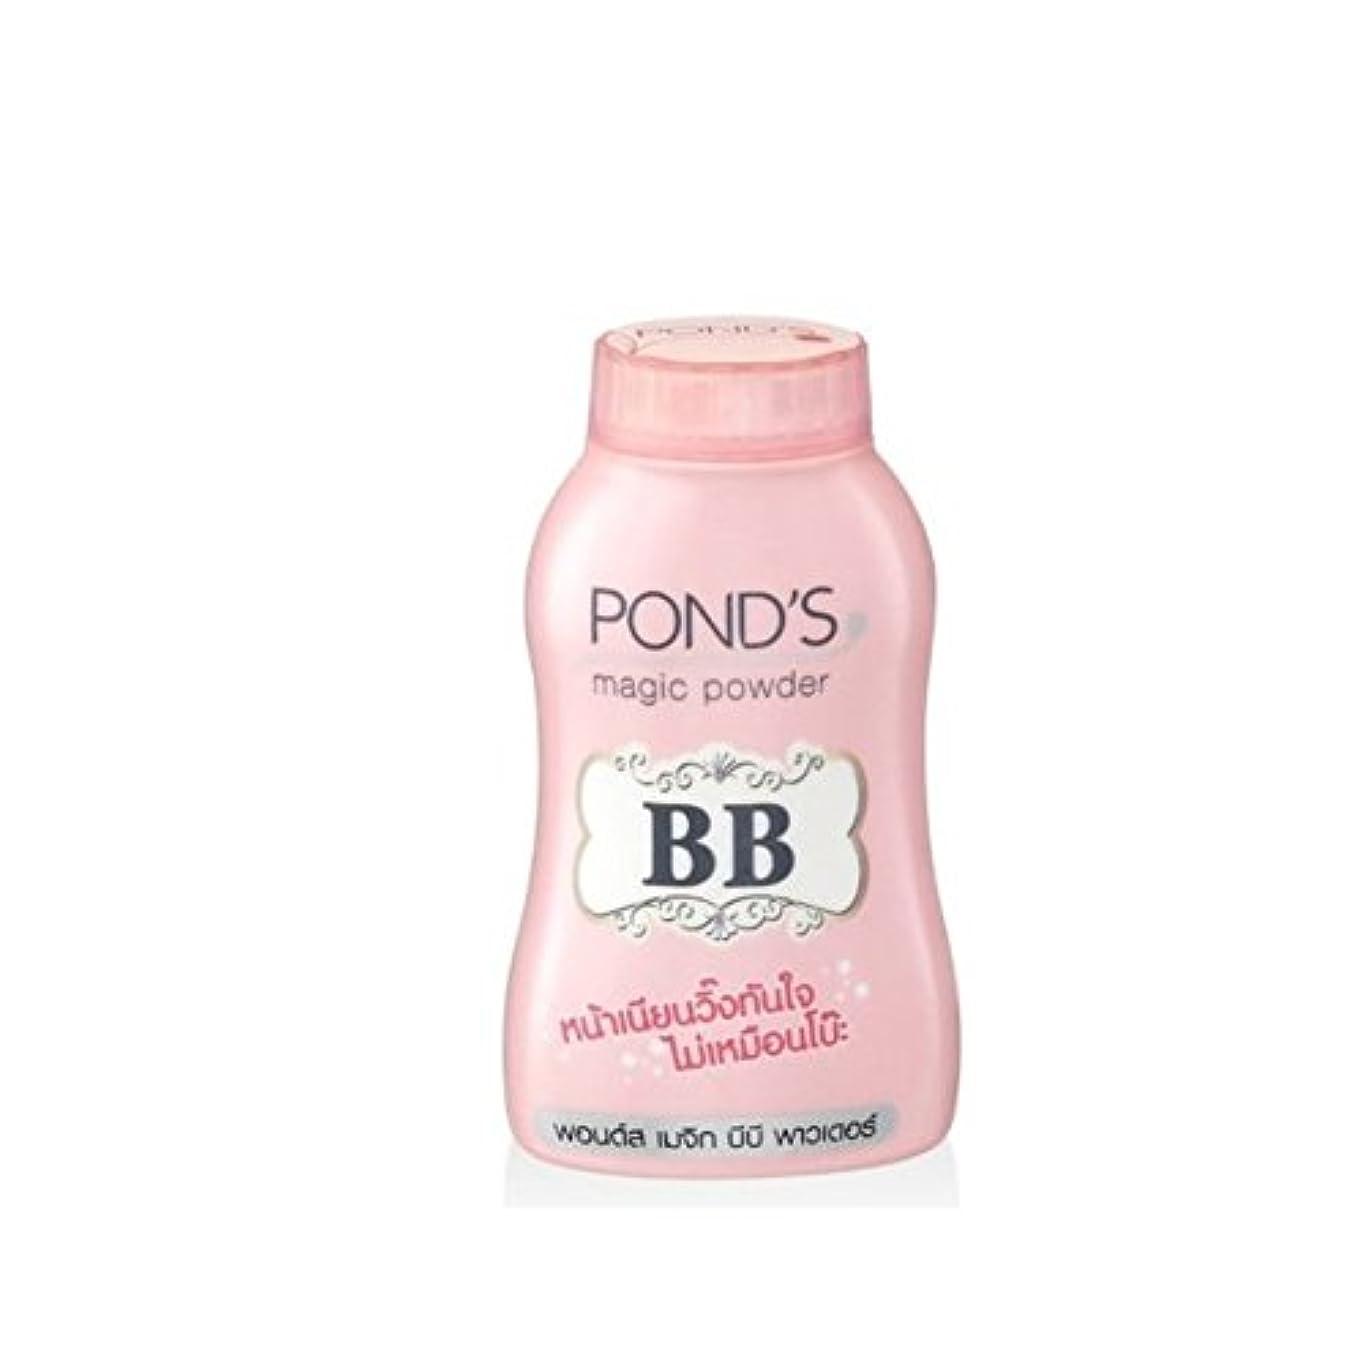 エイリアスクレタ不注意POND's Magic BB Pwder ポン酢マジック?パウダー50g 2 pack (並行輸入品)